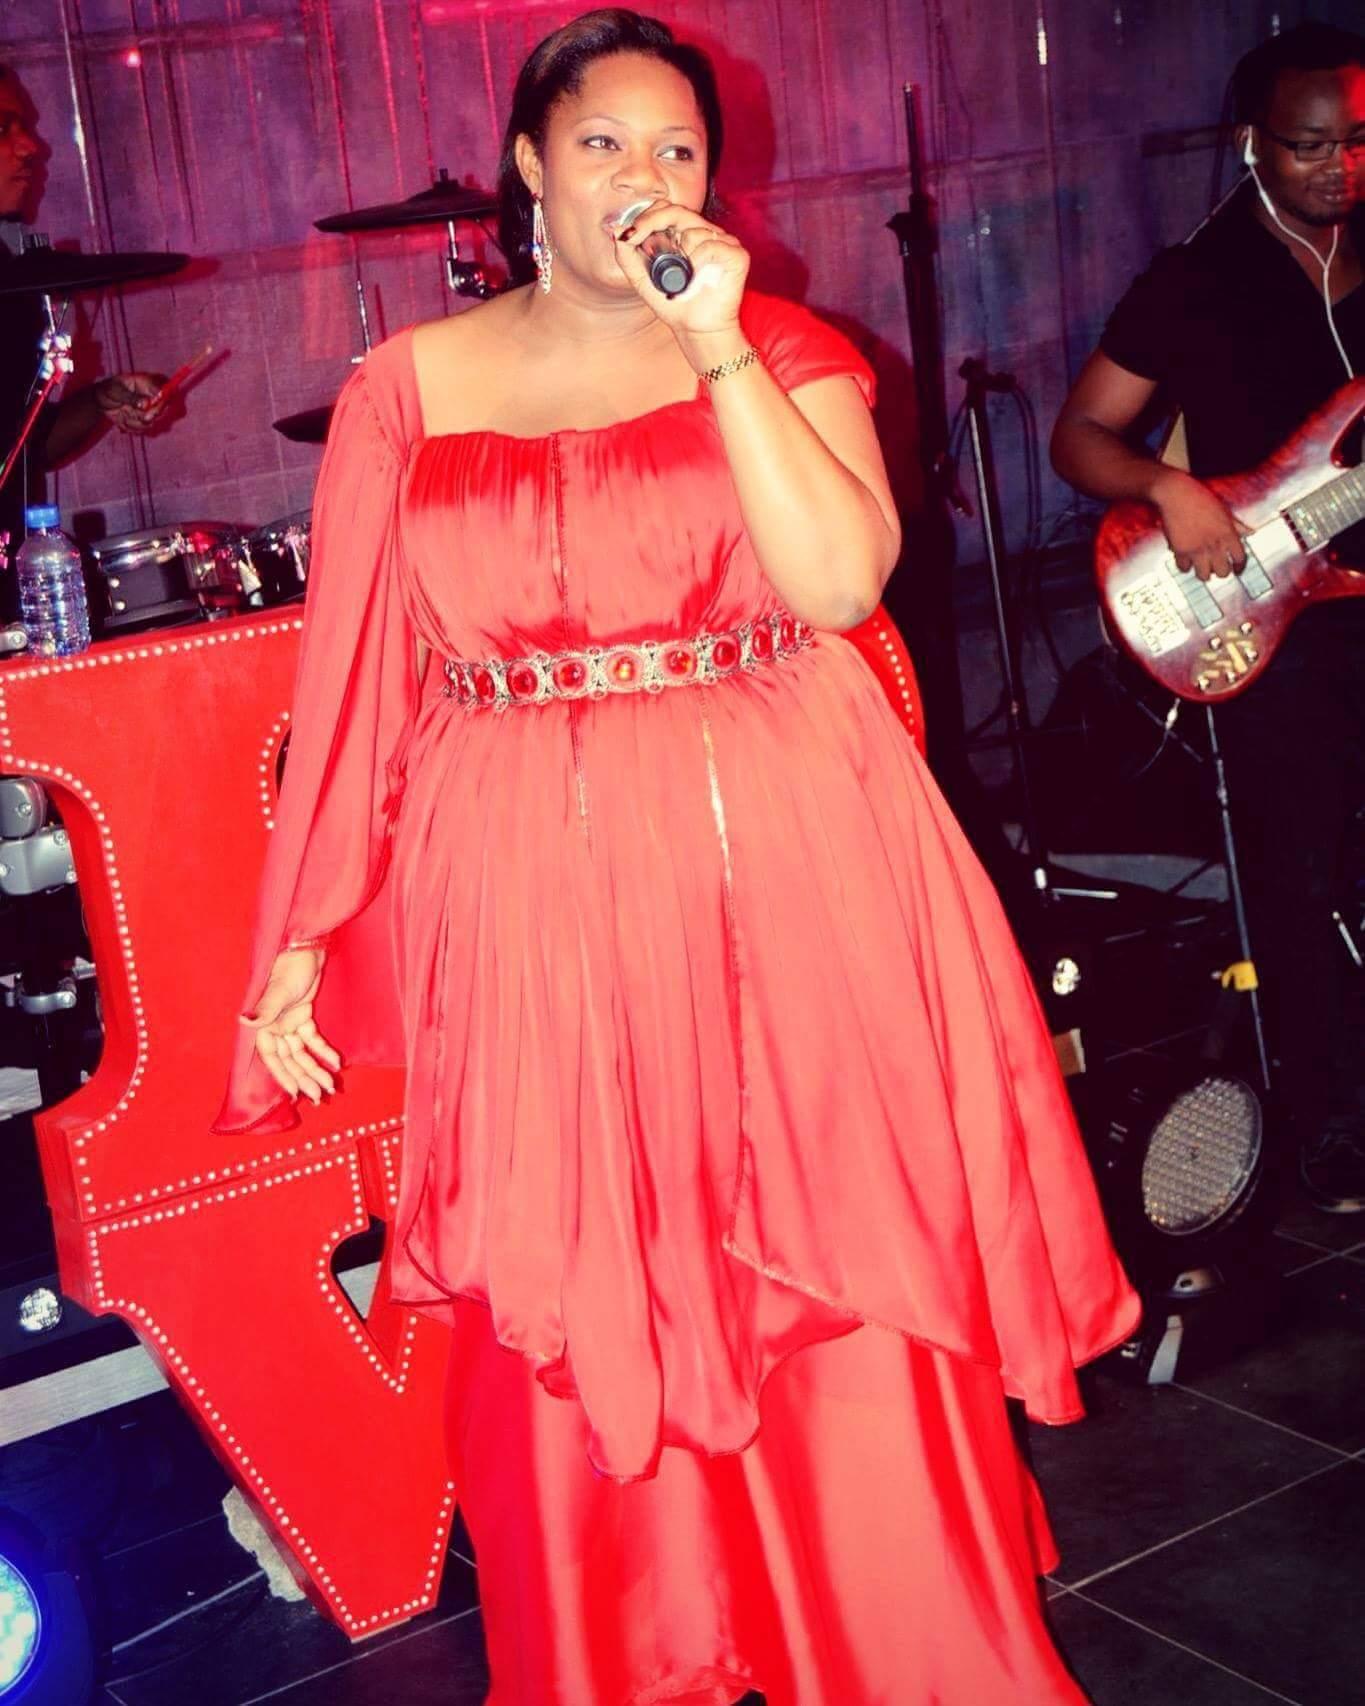 Gabon/Musique : Nadège Mbadou de retour sous les projecteurs